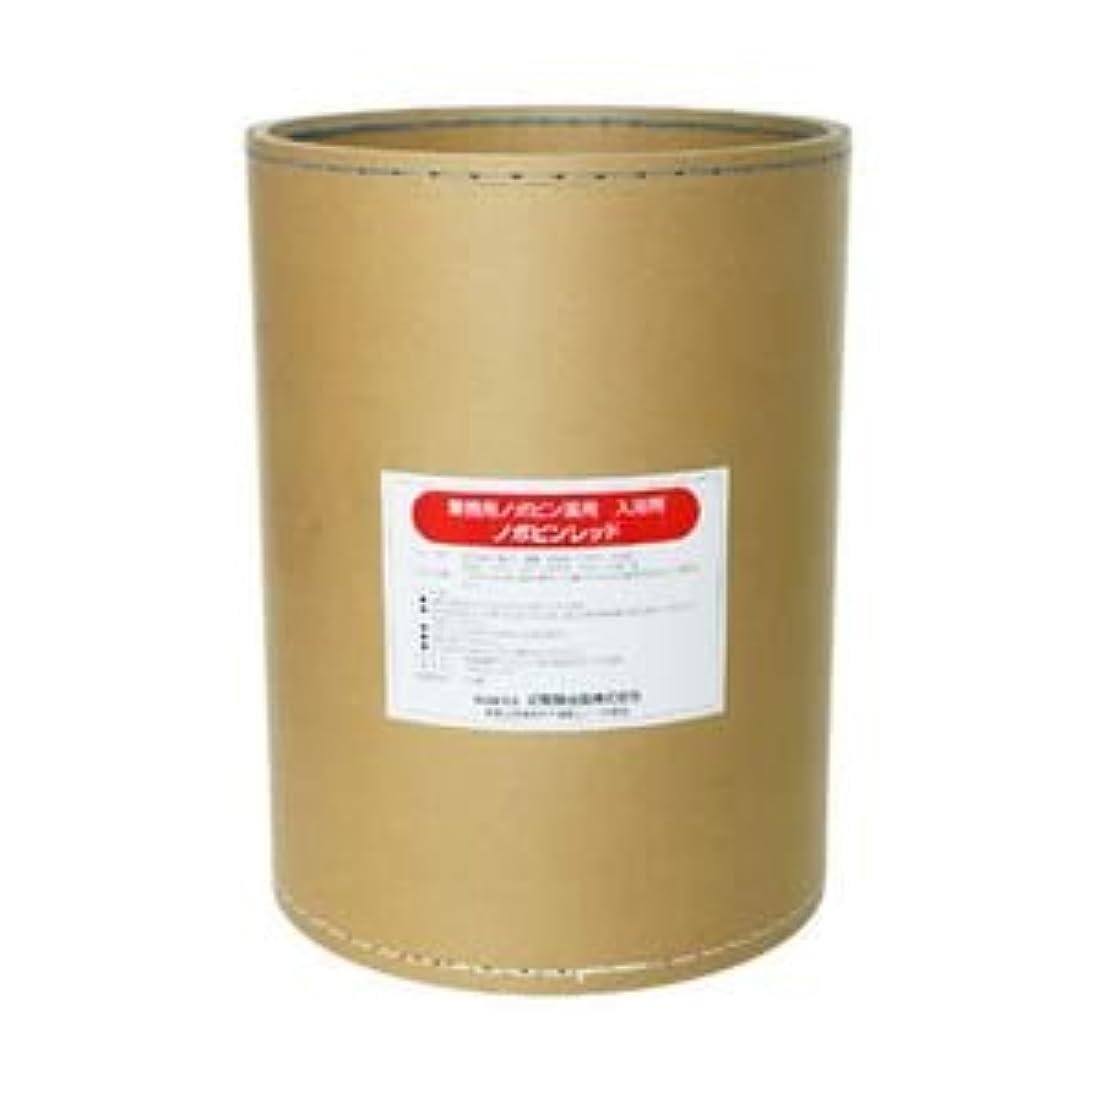 ピンクあなたのもの対応する業務用入浴剤 ノボピン レッド 18kg